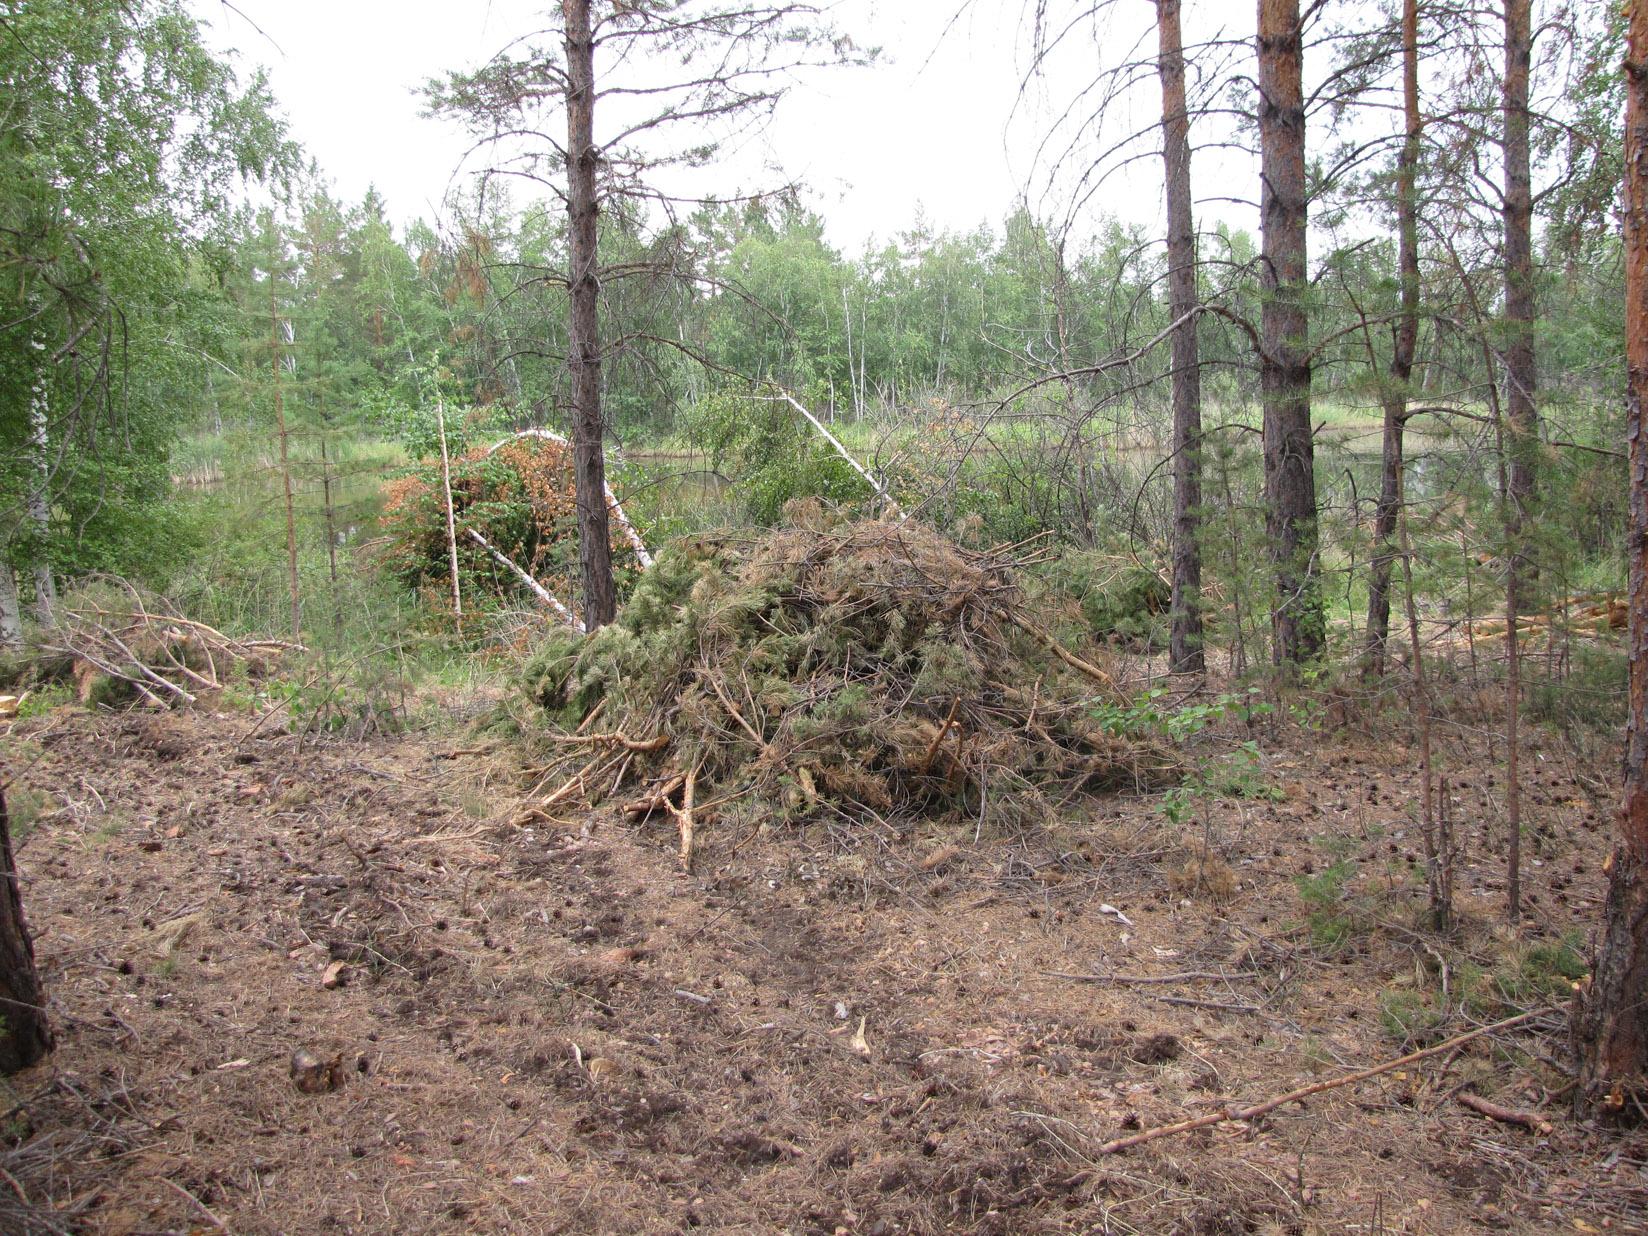 Рубки на гнездовом участке большого подорлика в водоохранной зоне в Завьяловском заказнике. Фото И. Карякина